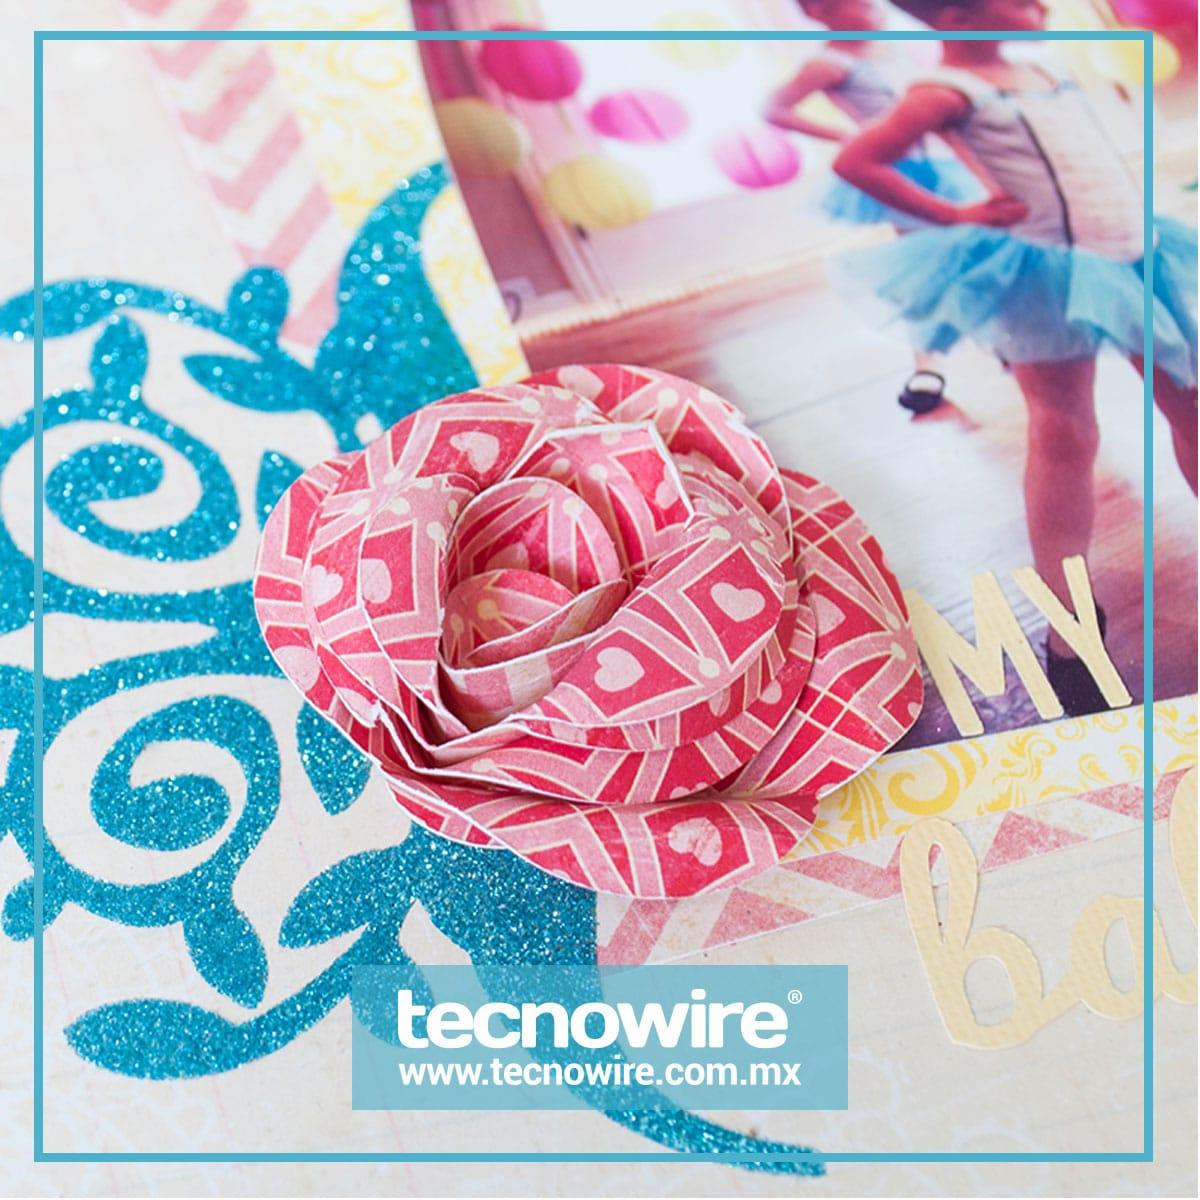 invitaciones-tecnowire-web-1